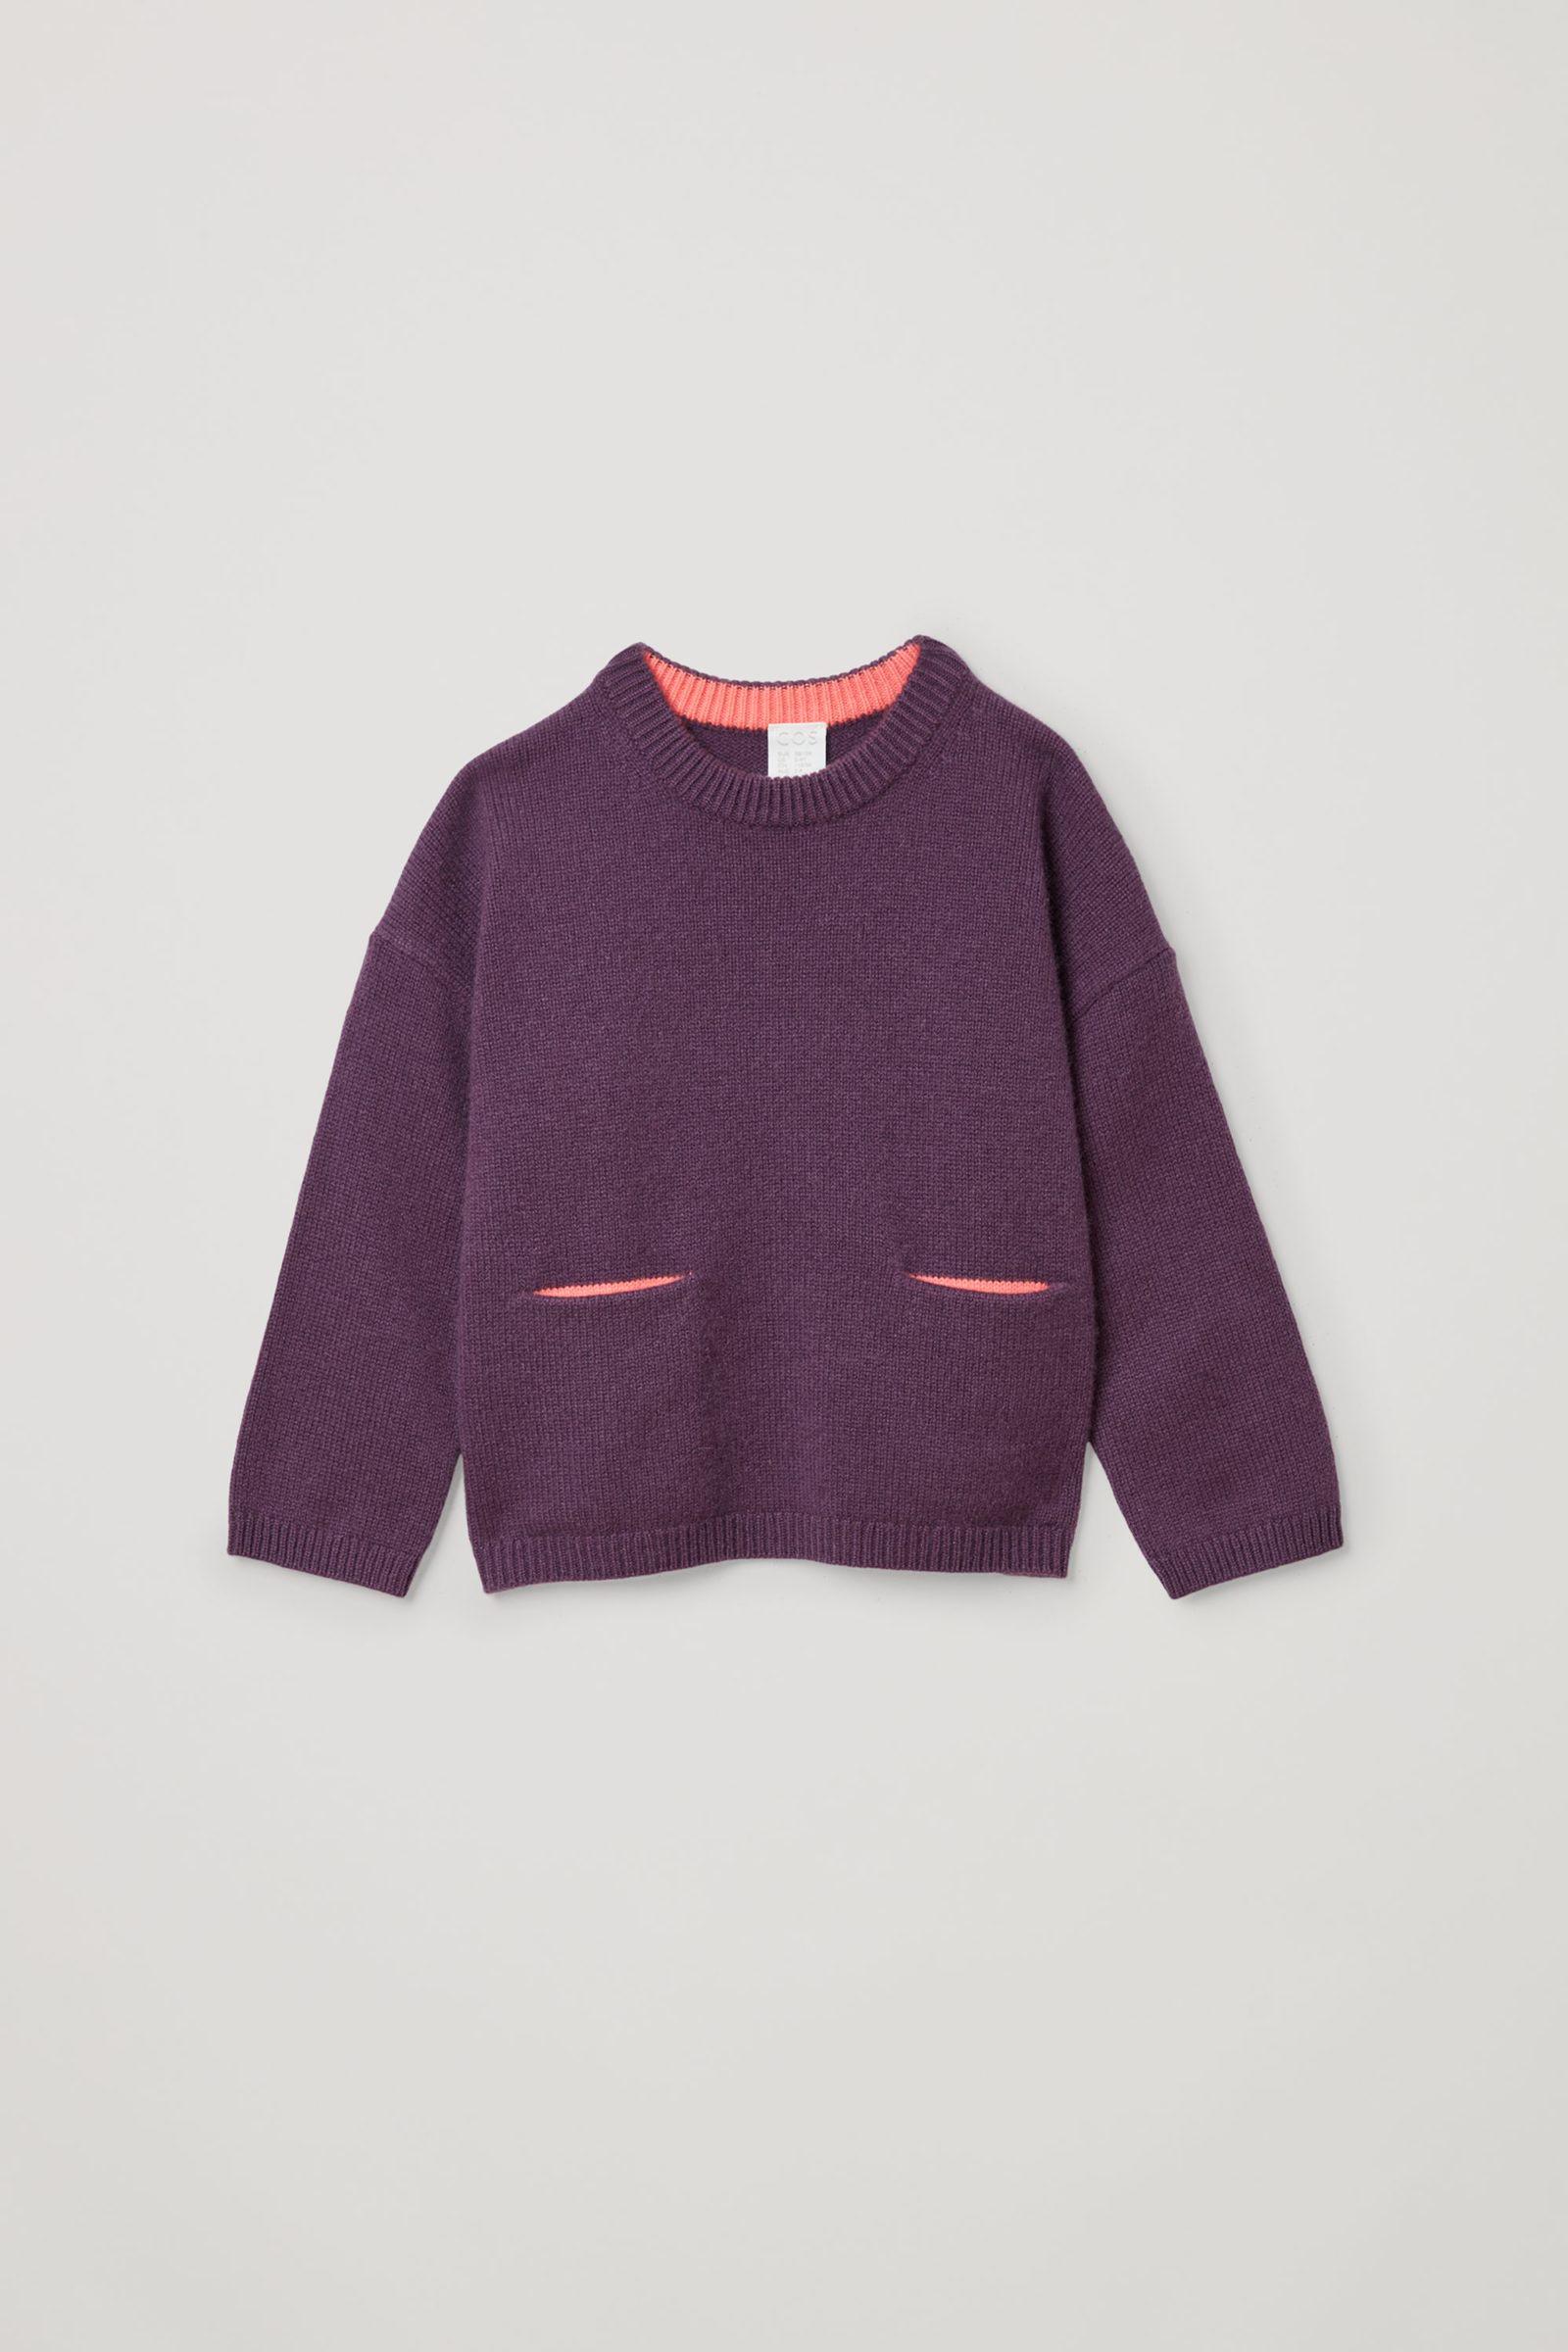 COS 캐시미어 패치 포켓 스웨터의 퍼플 / 핑크컬러 Product입니다.